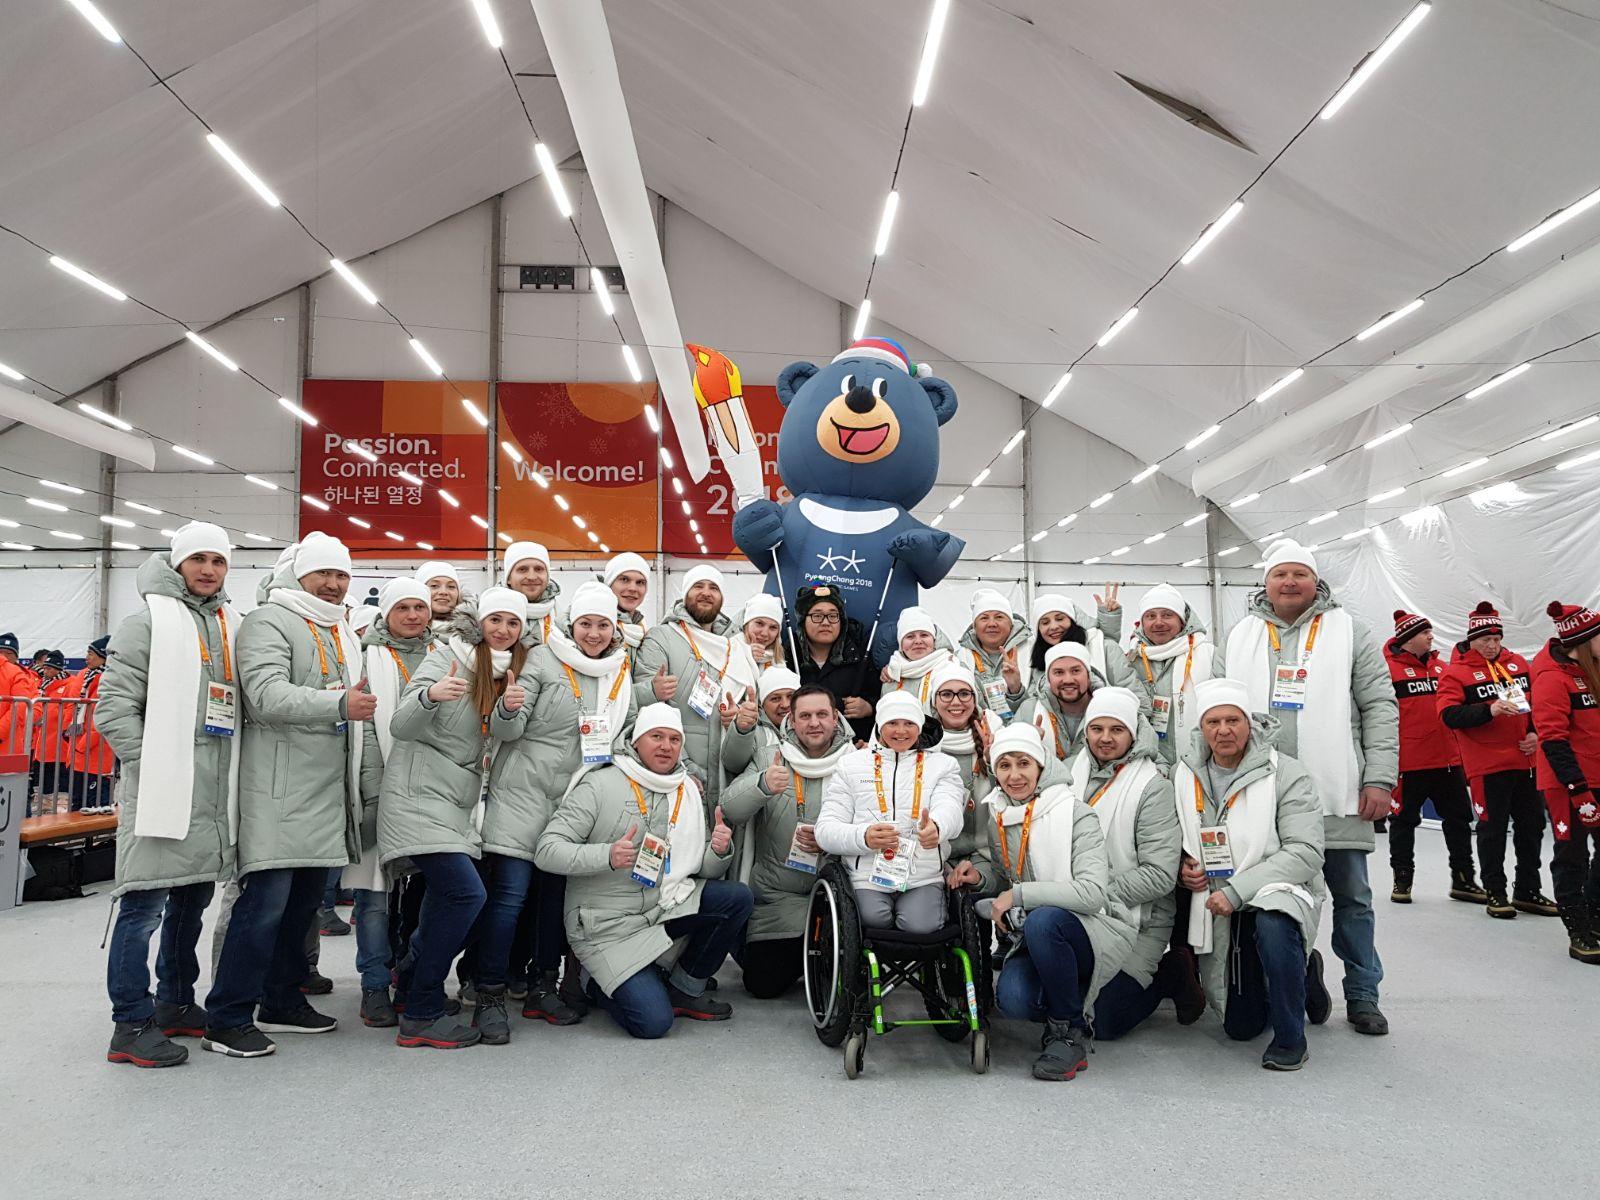 Российские спортсмены и персонал спортсменов приняли участие в торжественной церемонии открытия XII Паралимпийских зимних игр 2018 года в г. Пхенчхан (Республика Корея)